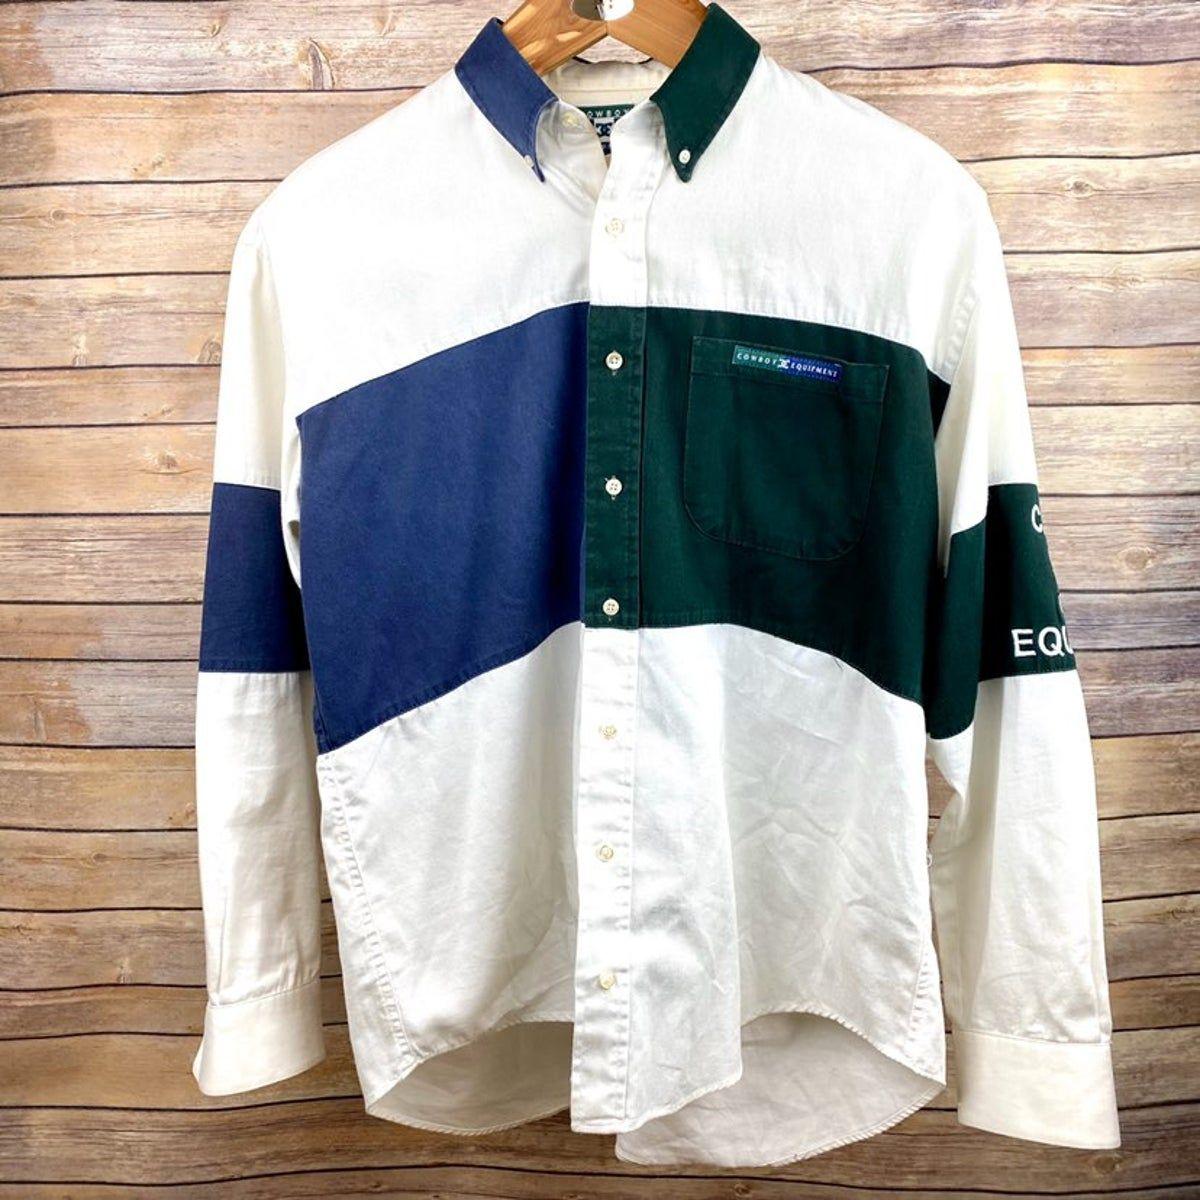 Pin By Noman On U Equipment Shirt Mens Shirts Shirts